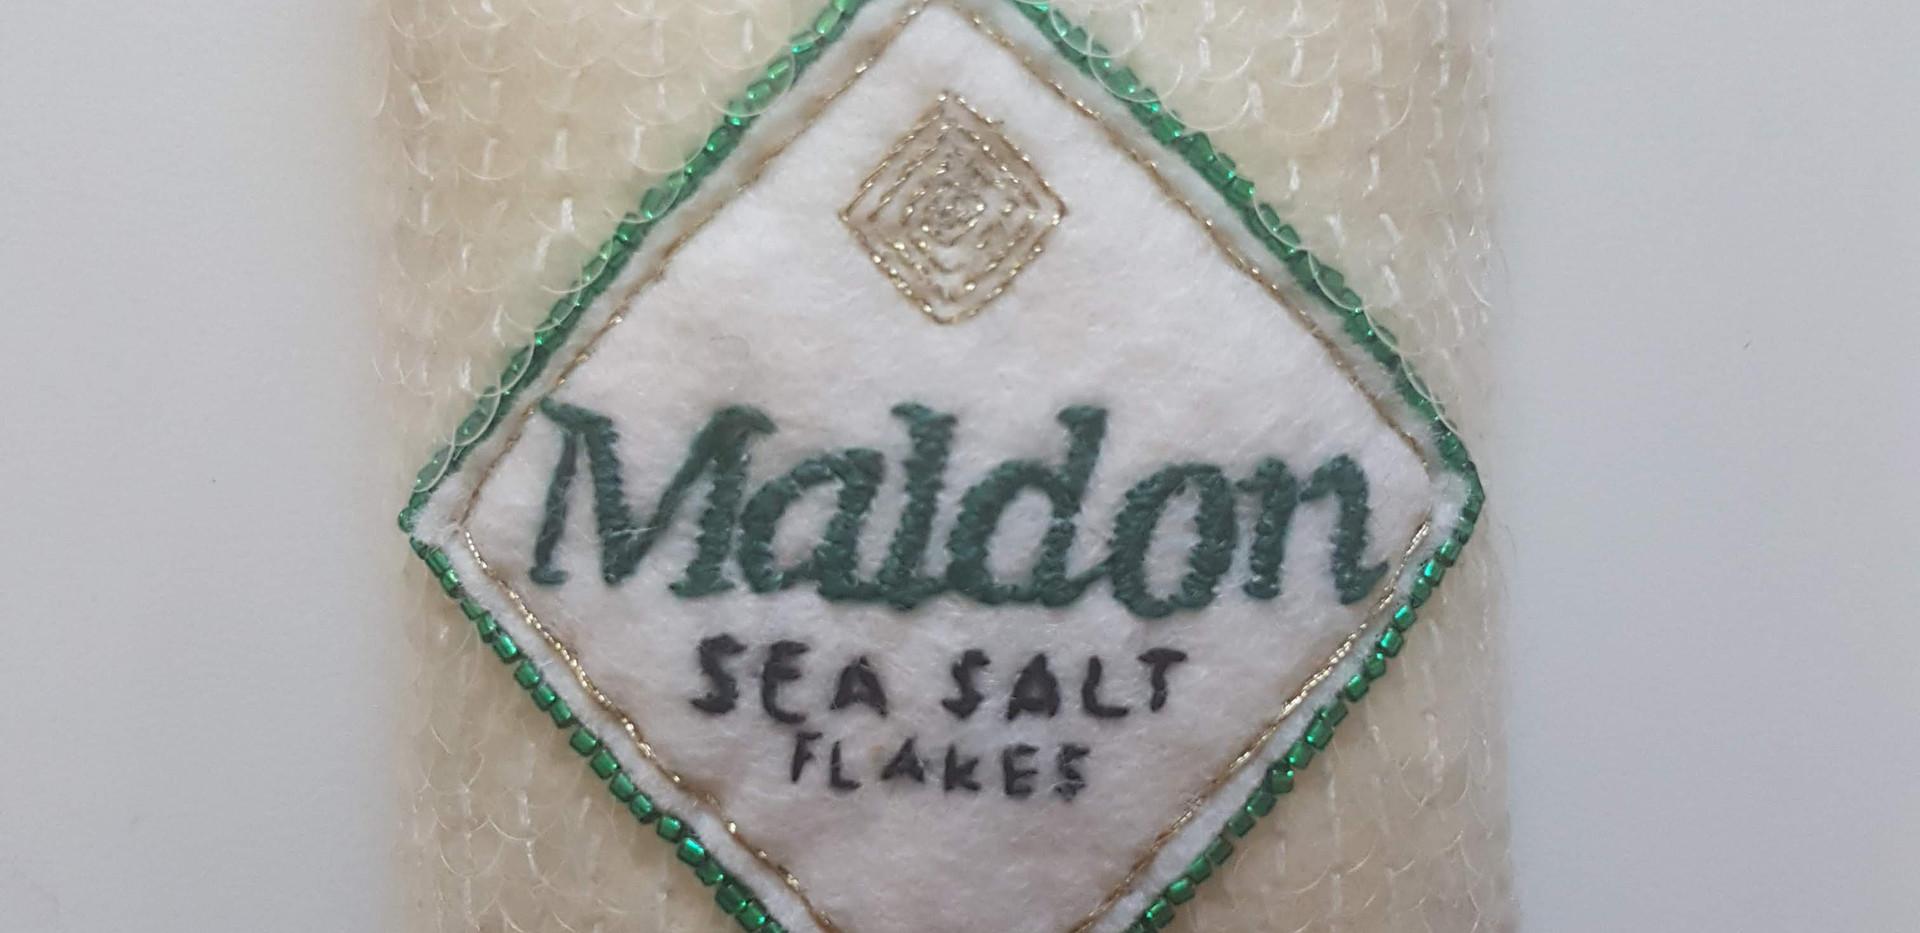 Maldon Sequin Ornament